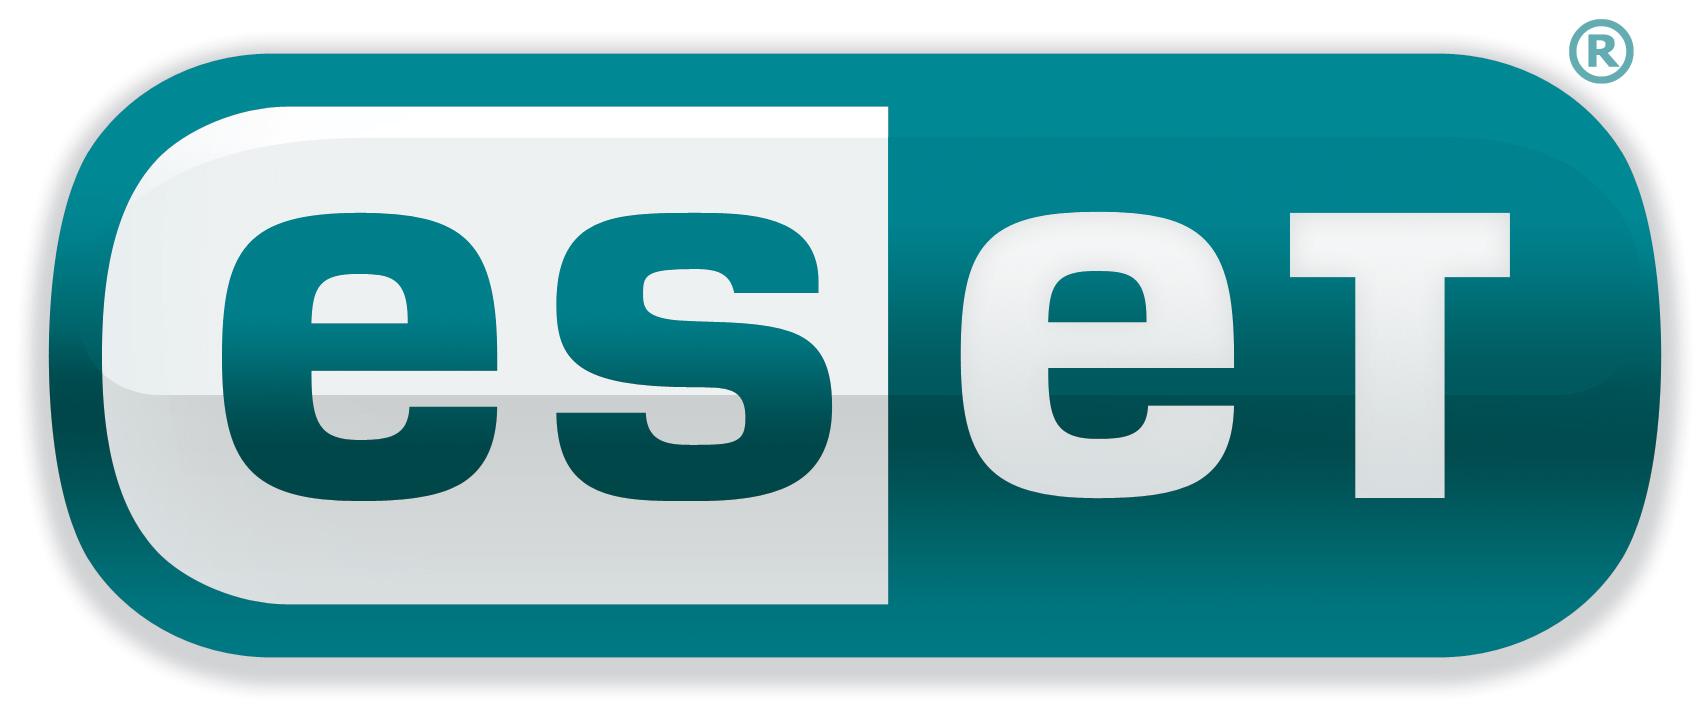 186-eset_logo_white